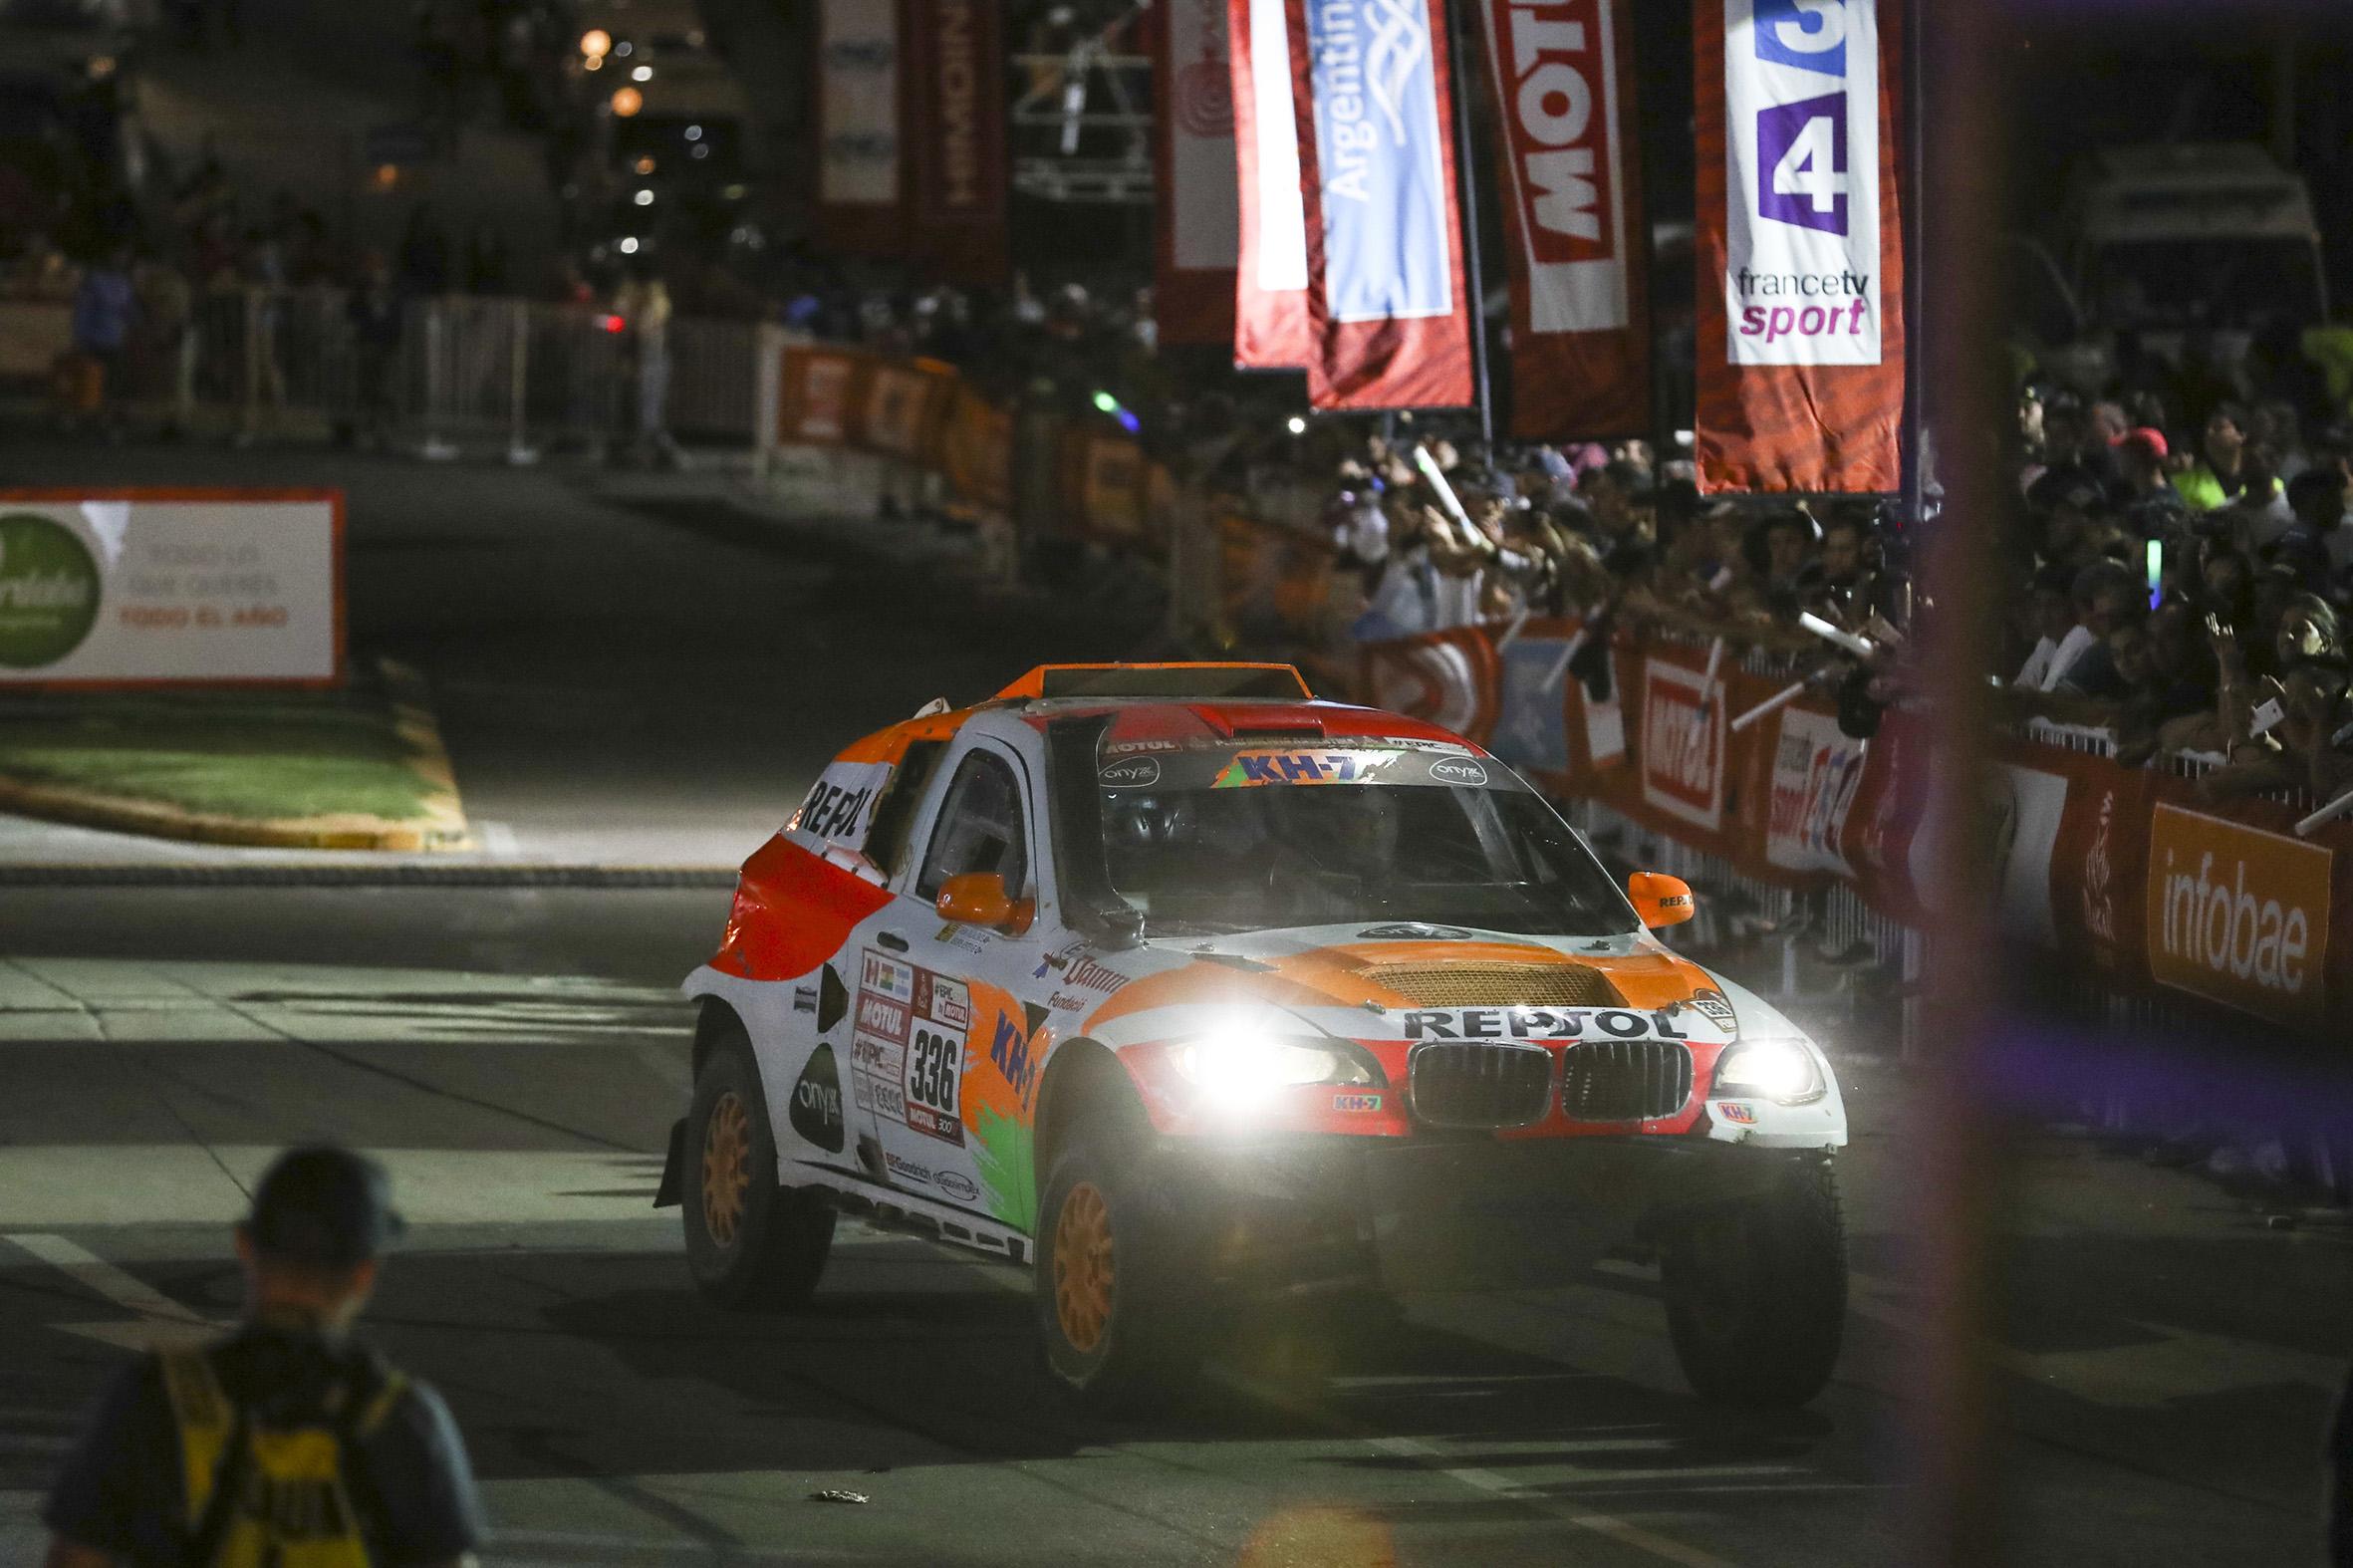 Coche Repsol Rally Team de noche con faros encendidos